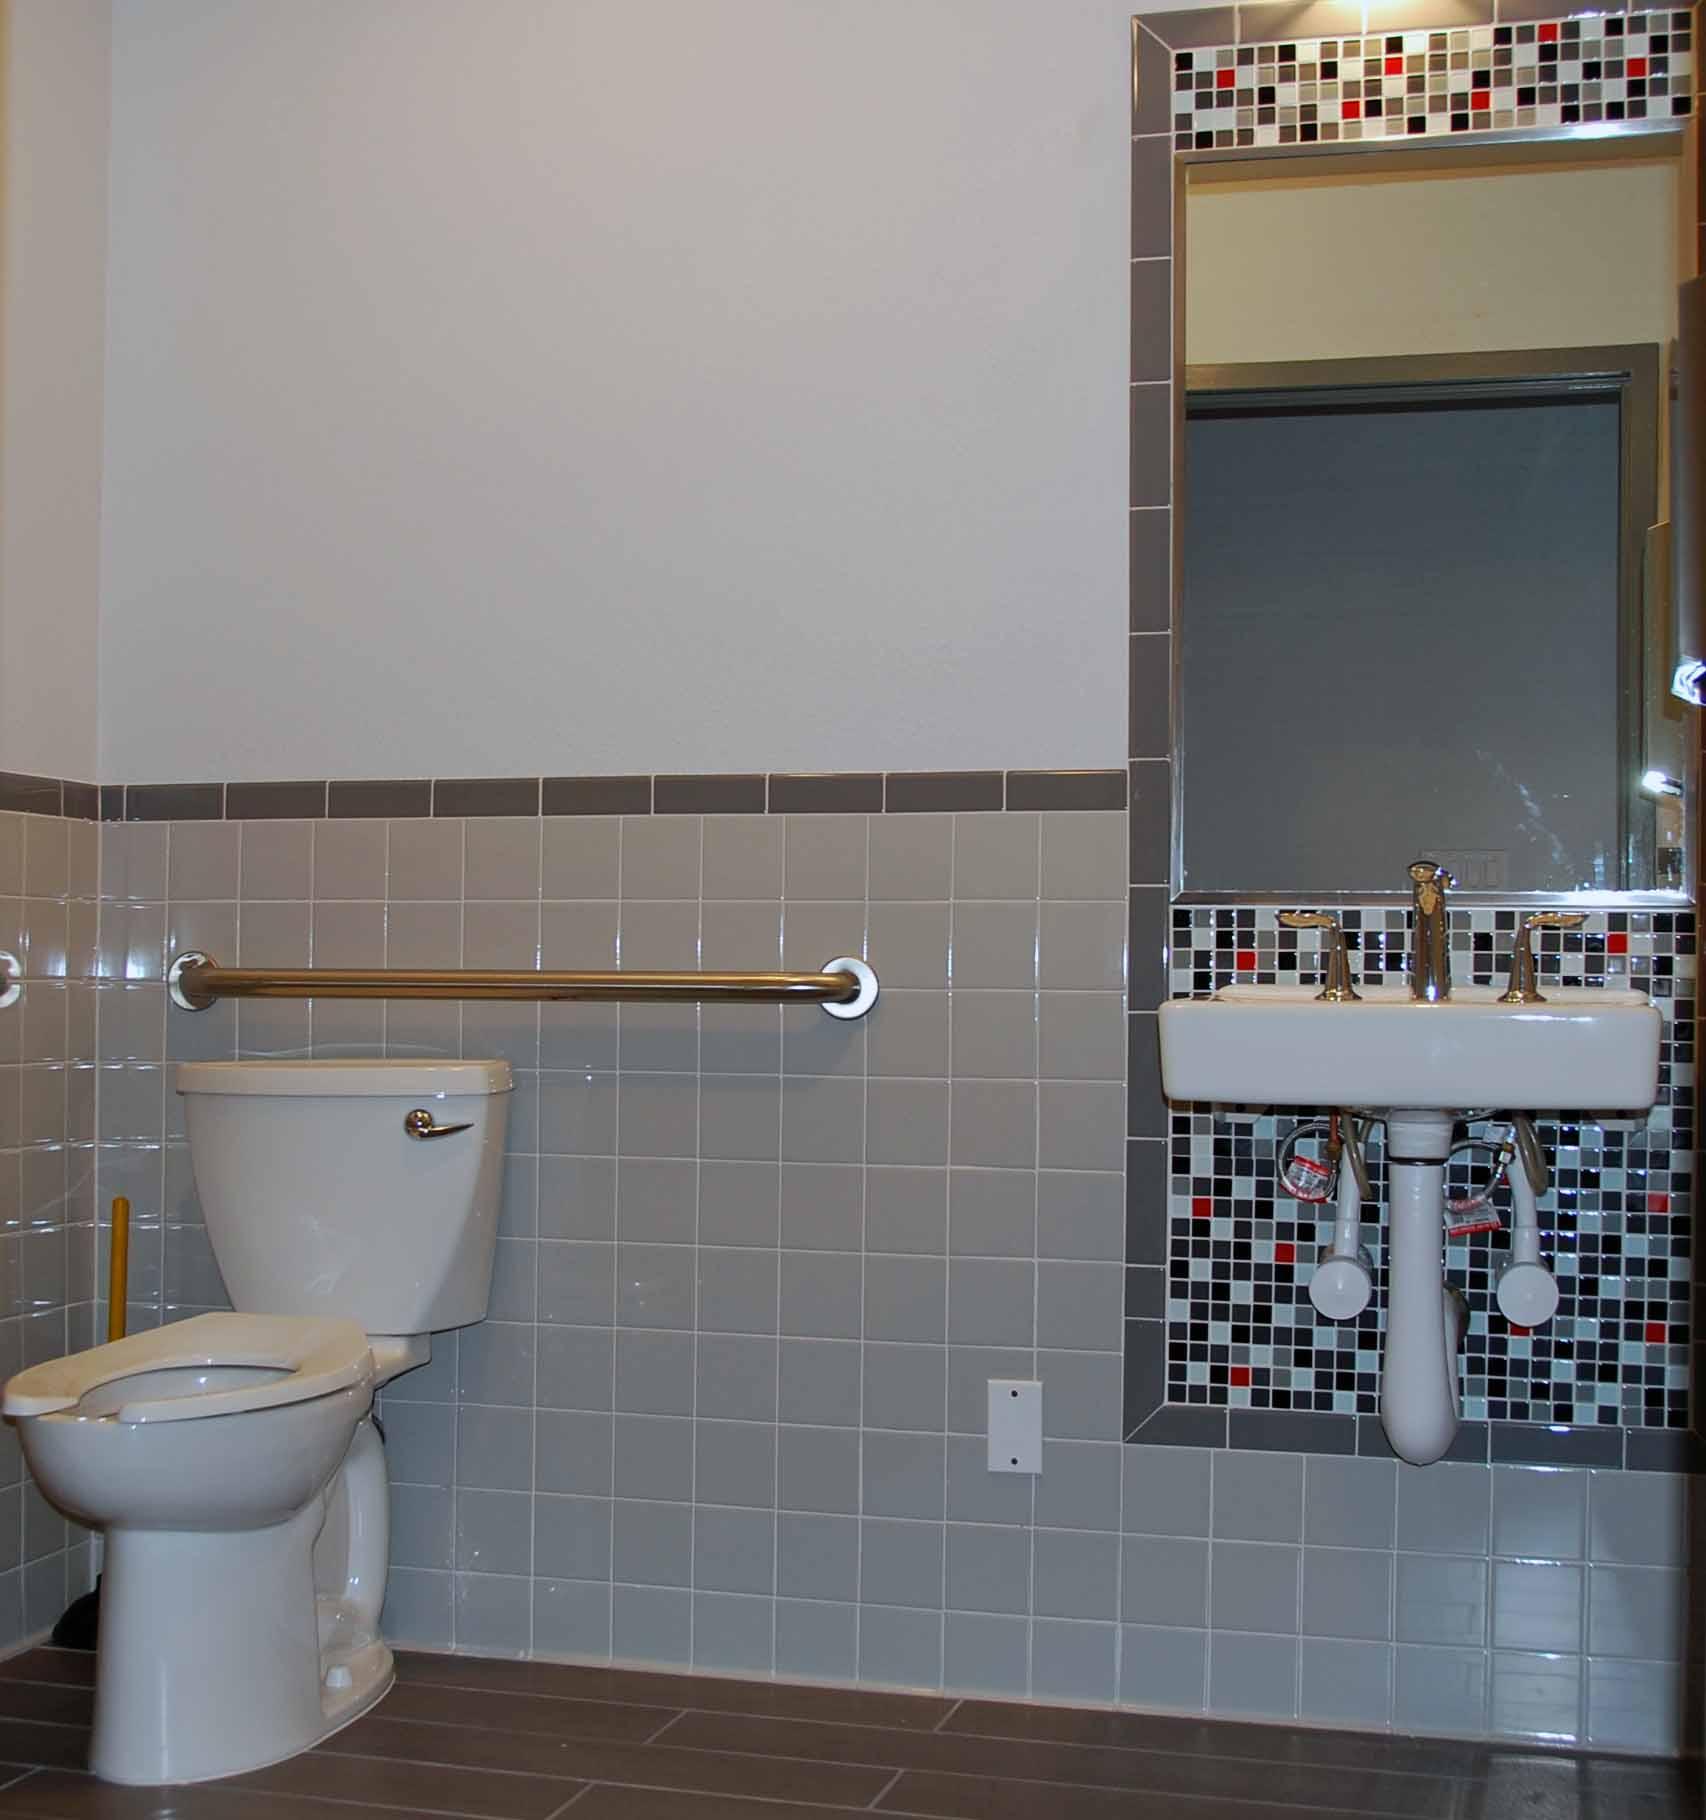 cheap cheerful tile design for an ada